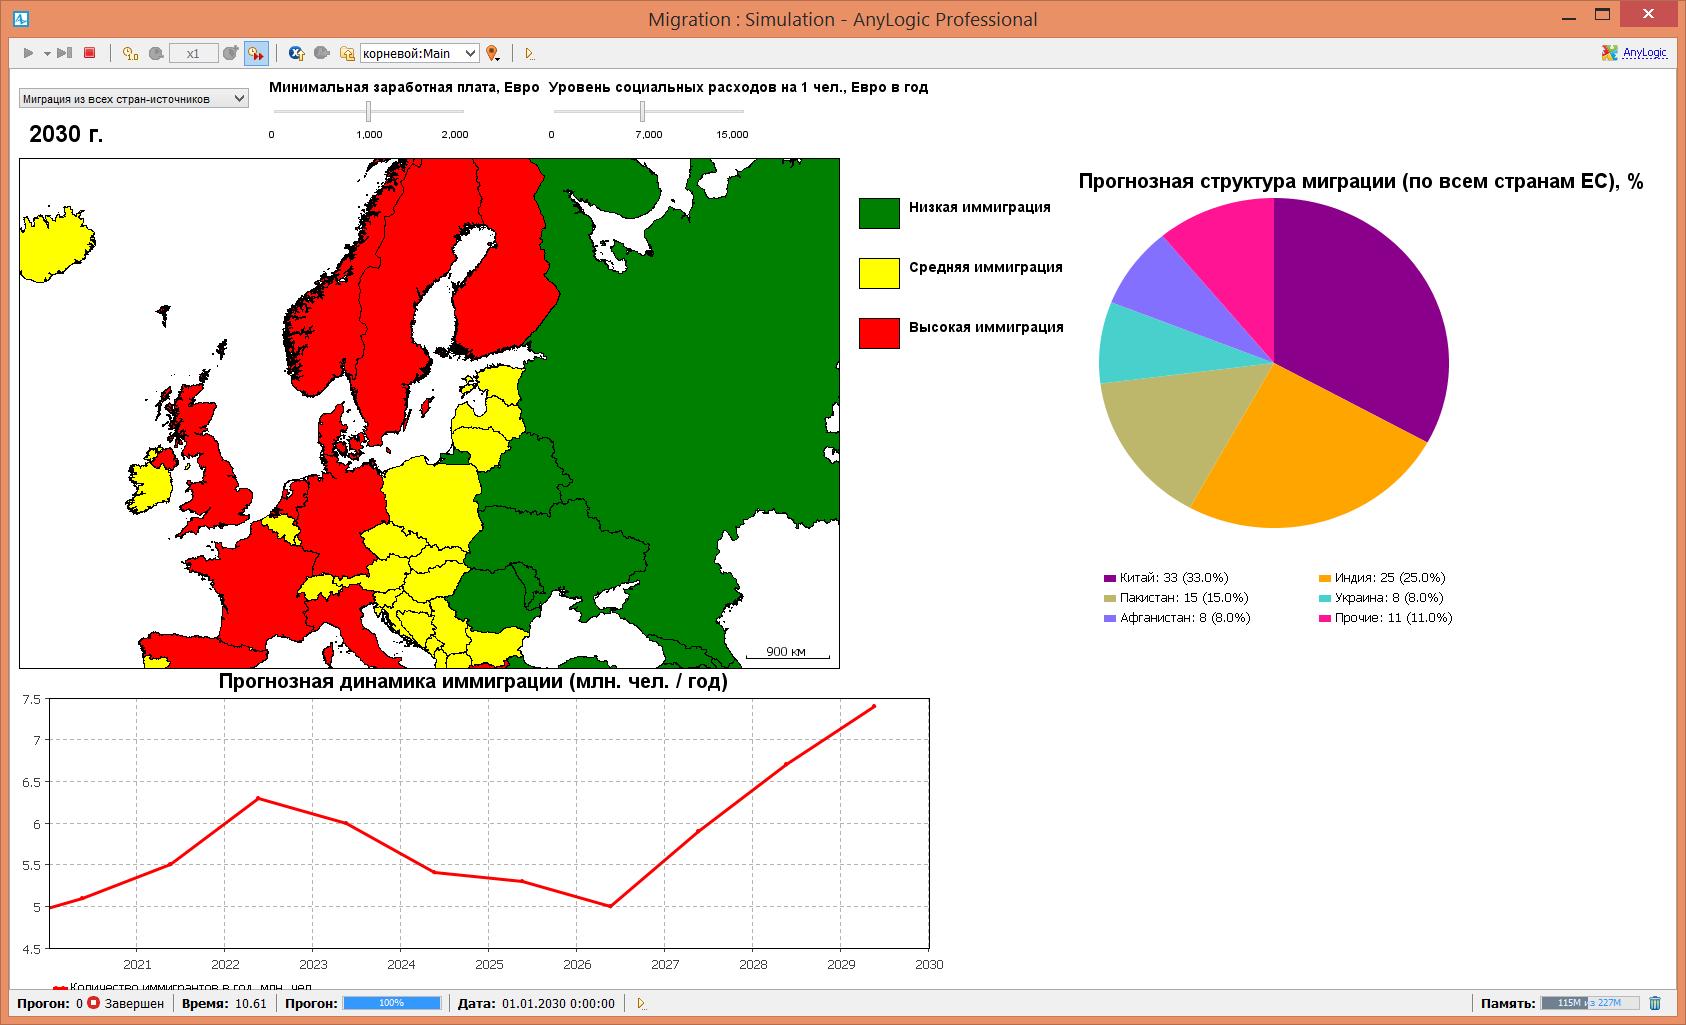 Рис. 5. Агентно-ориентированная имитационная модель миграции в страны Европейского Союза в AnyLogic.